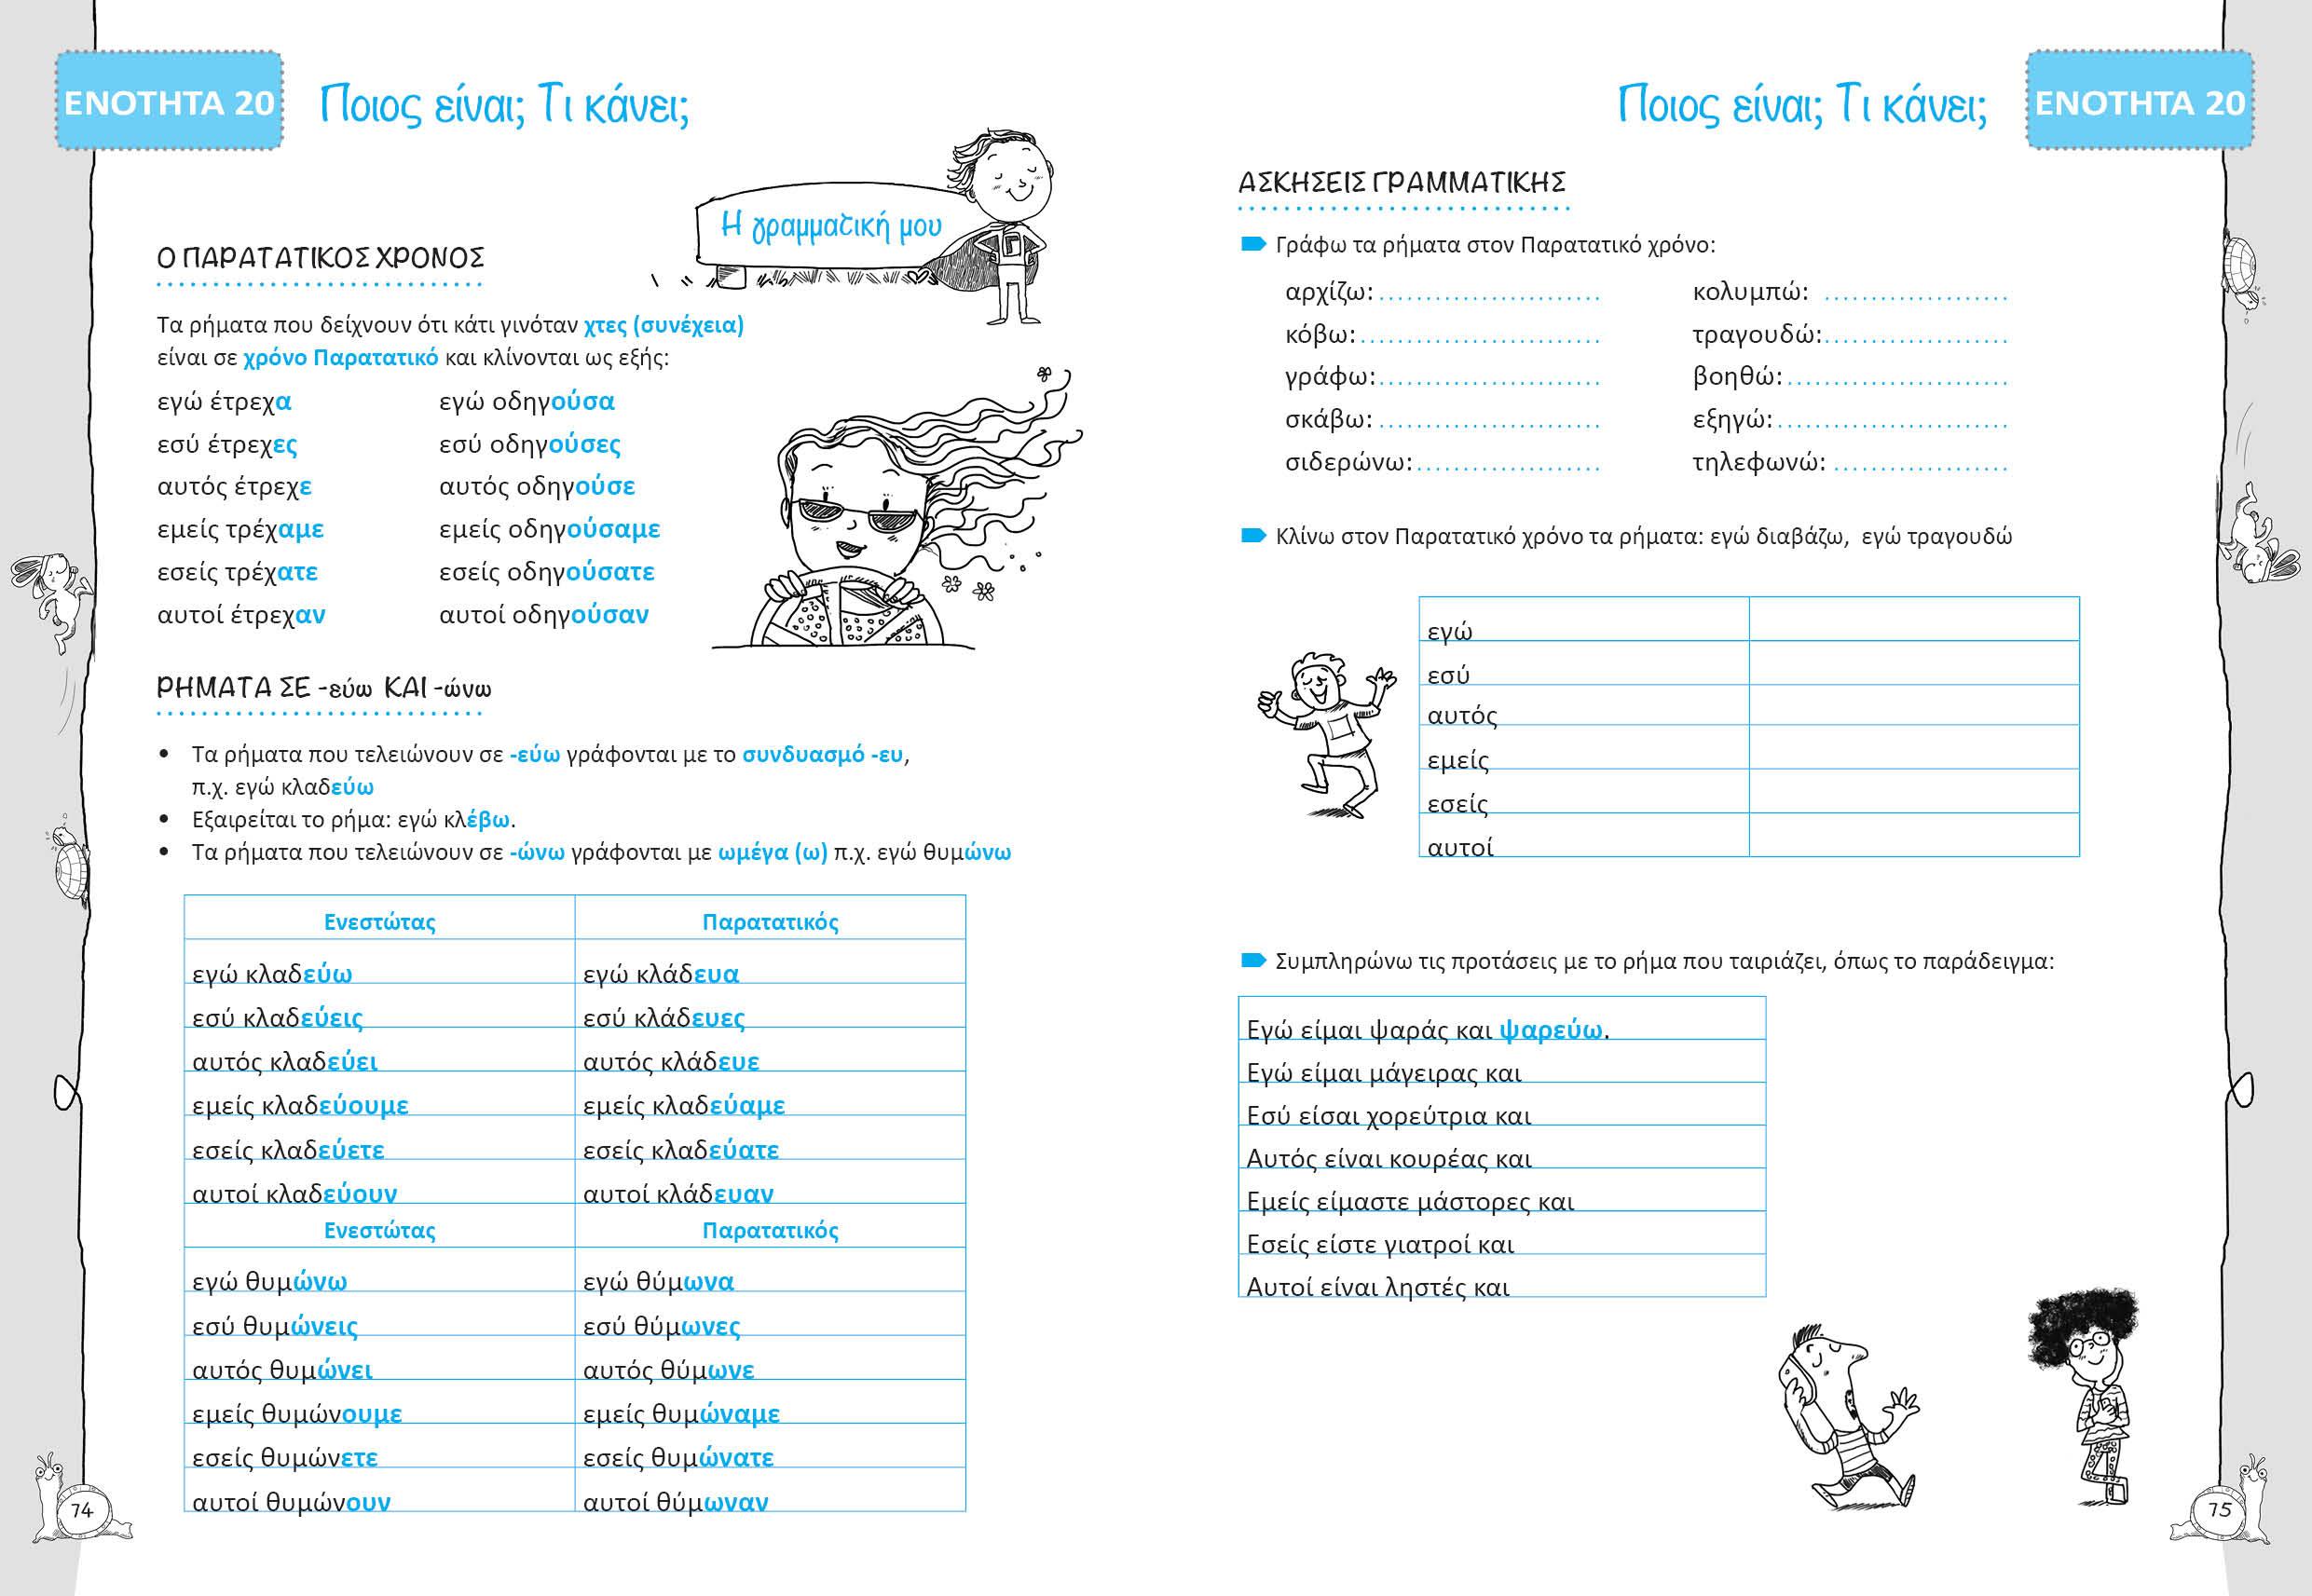 Μπλε Bιβλιοτετράδια - Γνώση και παιχνίδι για παιδιά Α΄ & Β΄ Δημοτικού! - Οι νικητές του διαγωνισμού